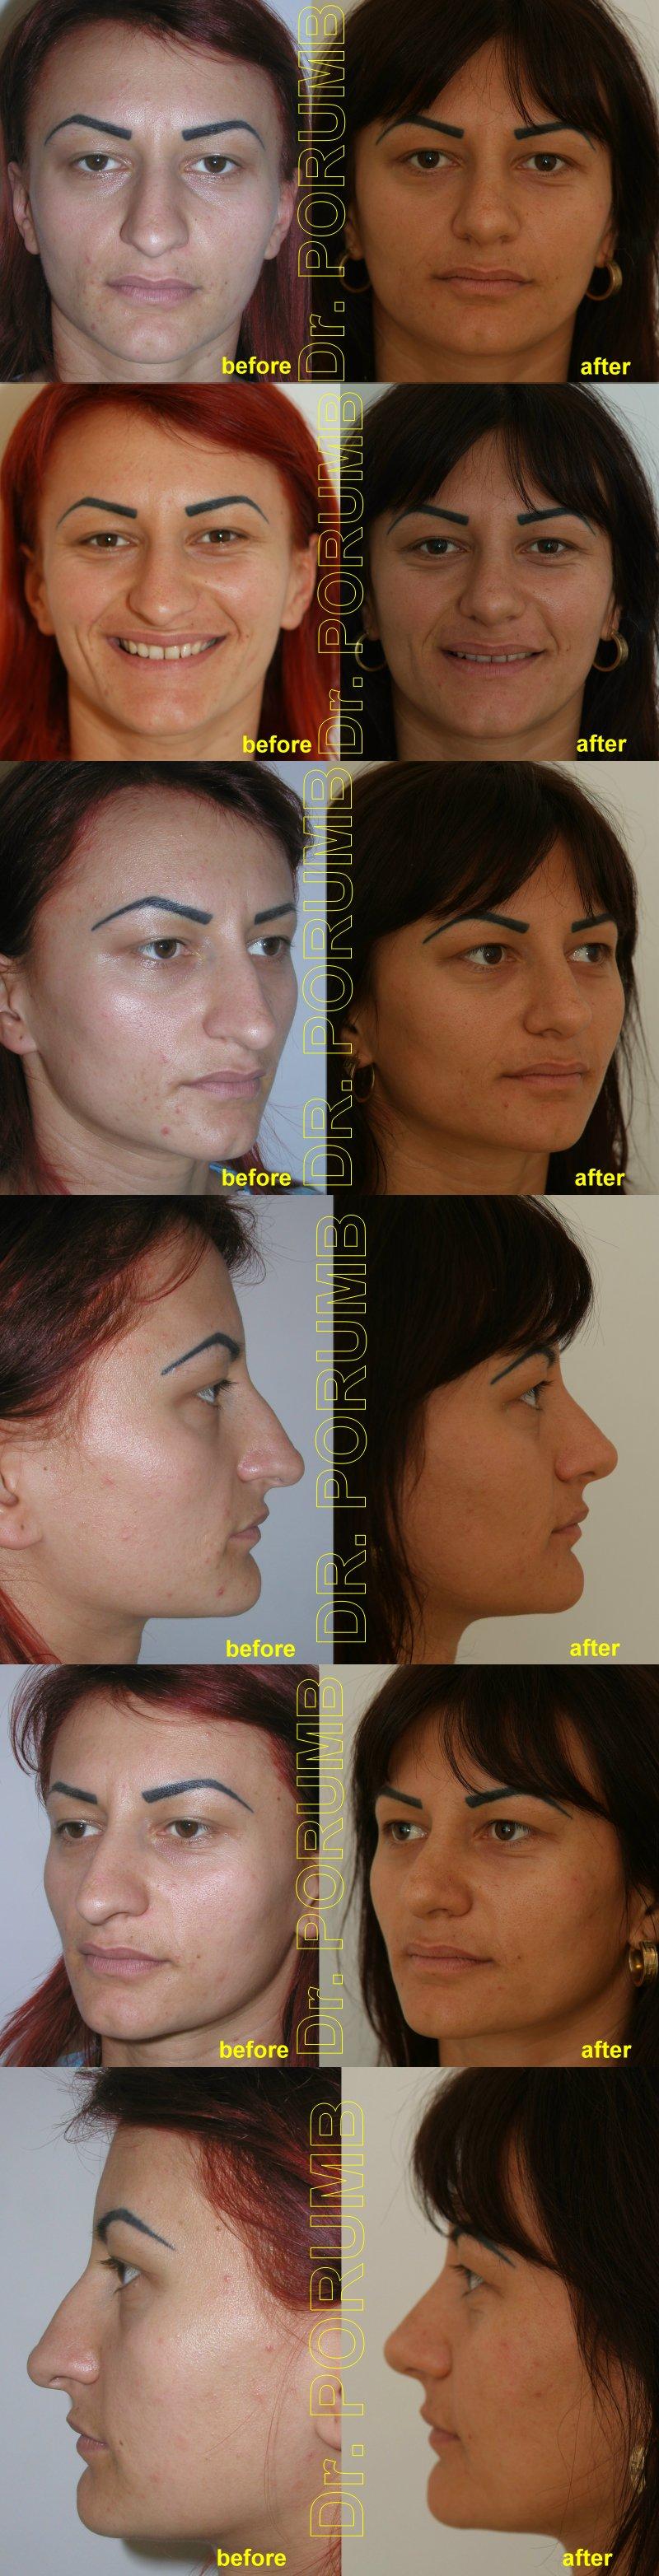 Pacienta de 22 ani, nemultumita de aspectul estetic al nasului, doreste sa apeleze la chirurgie estetica de rinoplastie (operatie estetica nas), cu corectia deviatiei de sept si deviatiei de nas, indepartarea cocoasei si subtierea nasului si a bazei piramidei nazale si scurtarea nasului